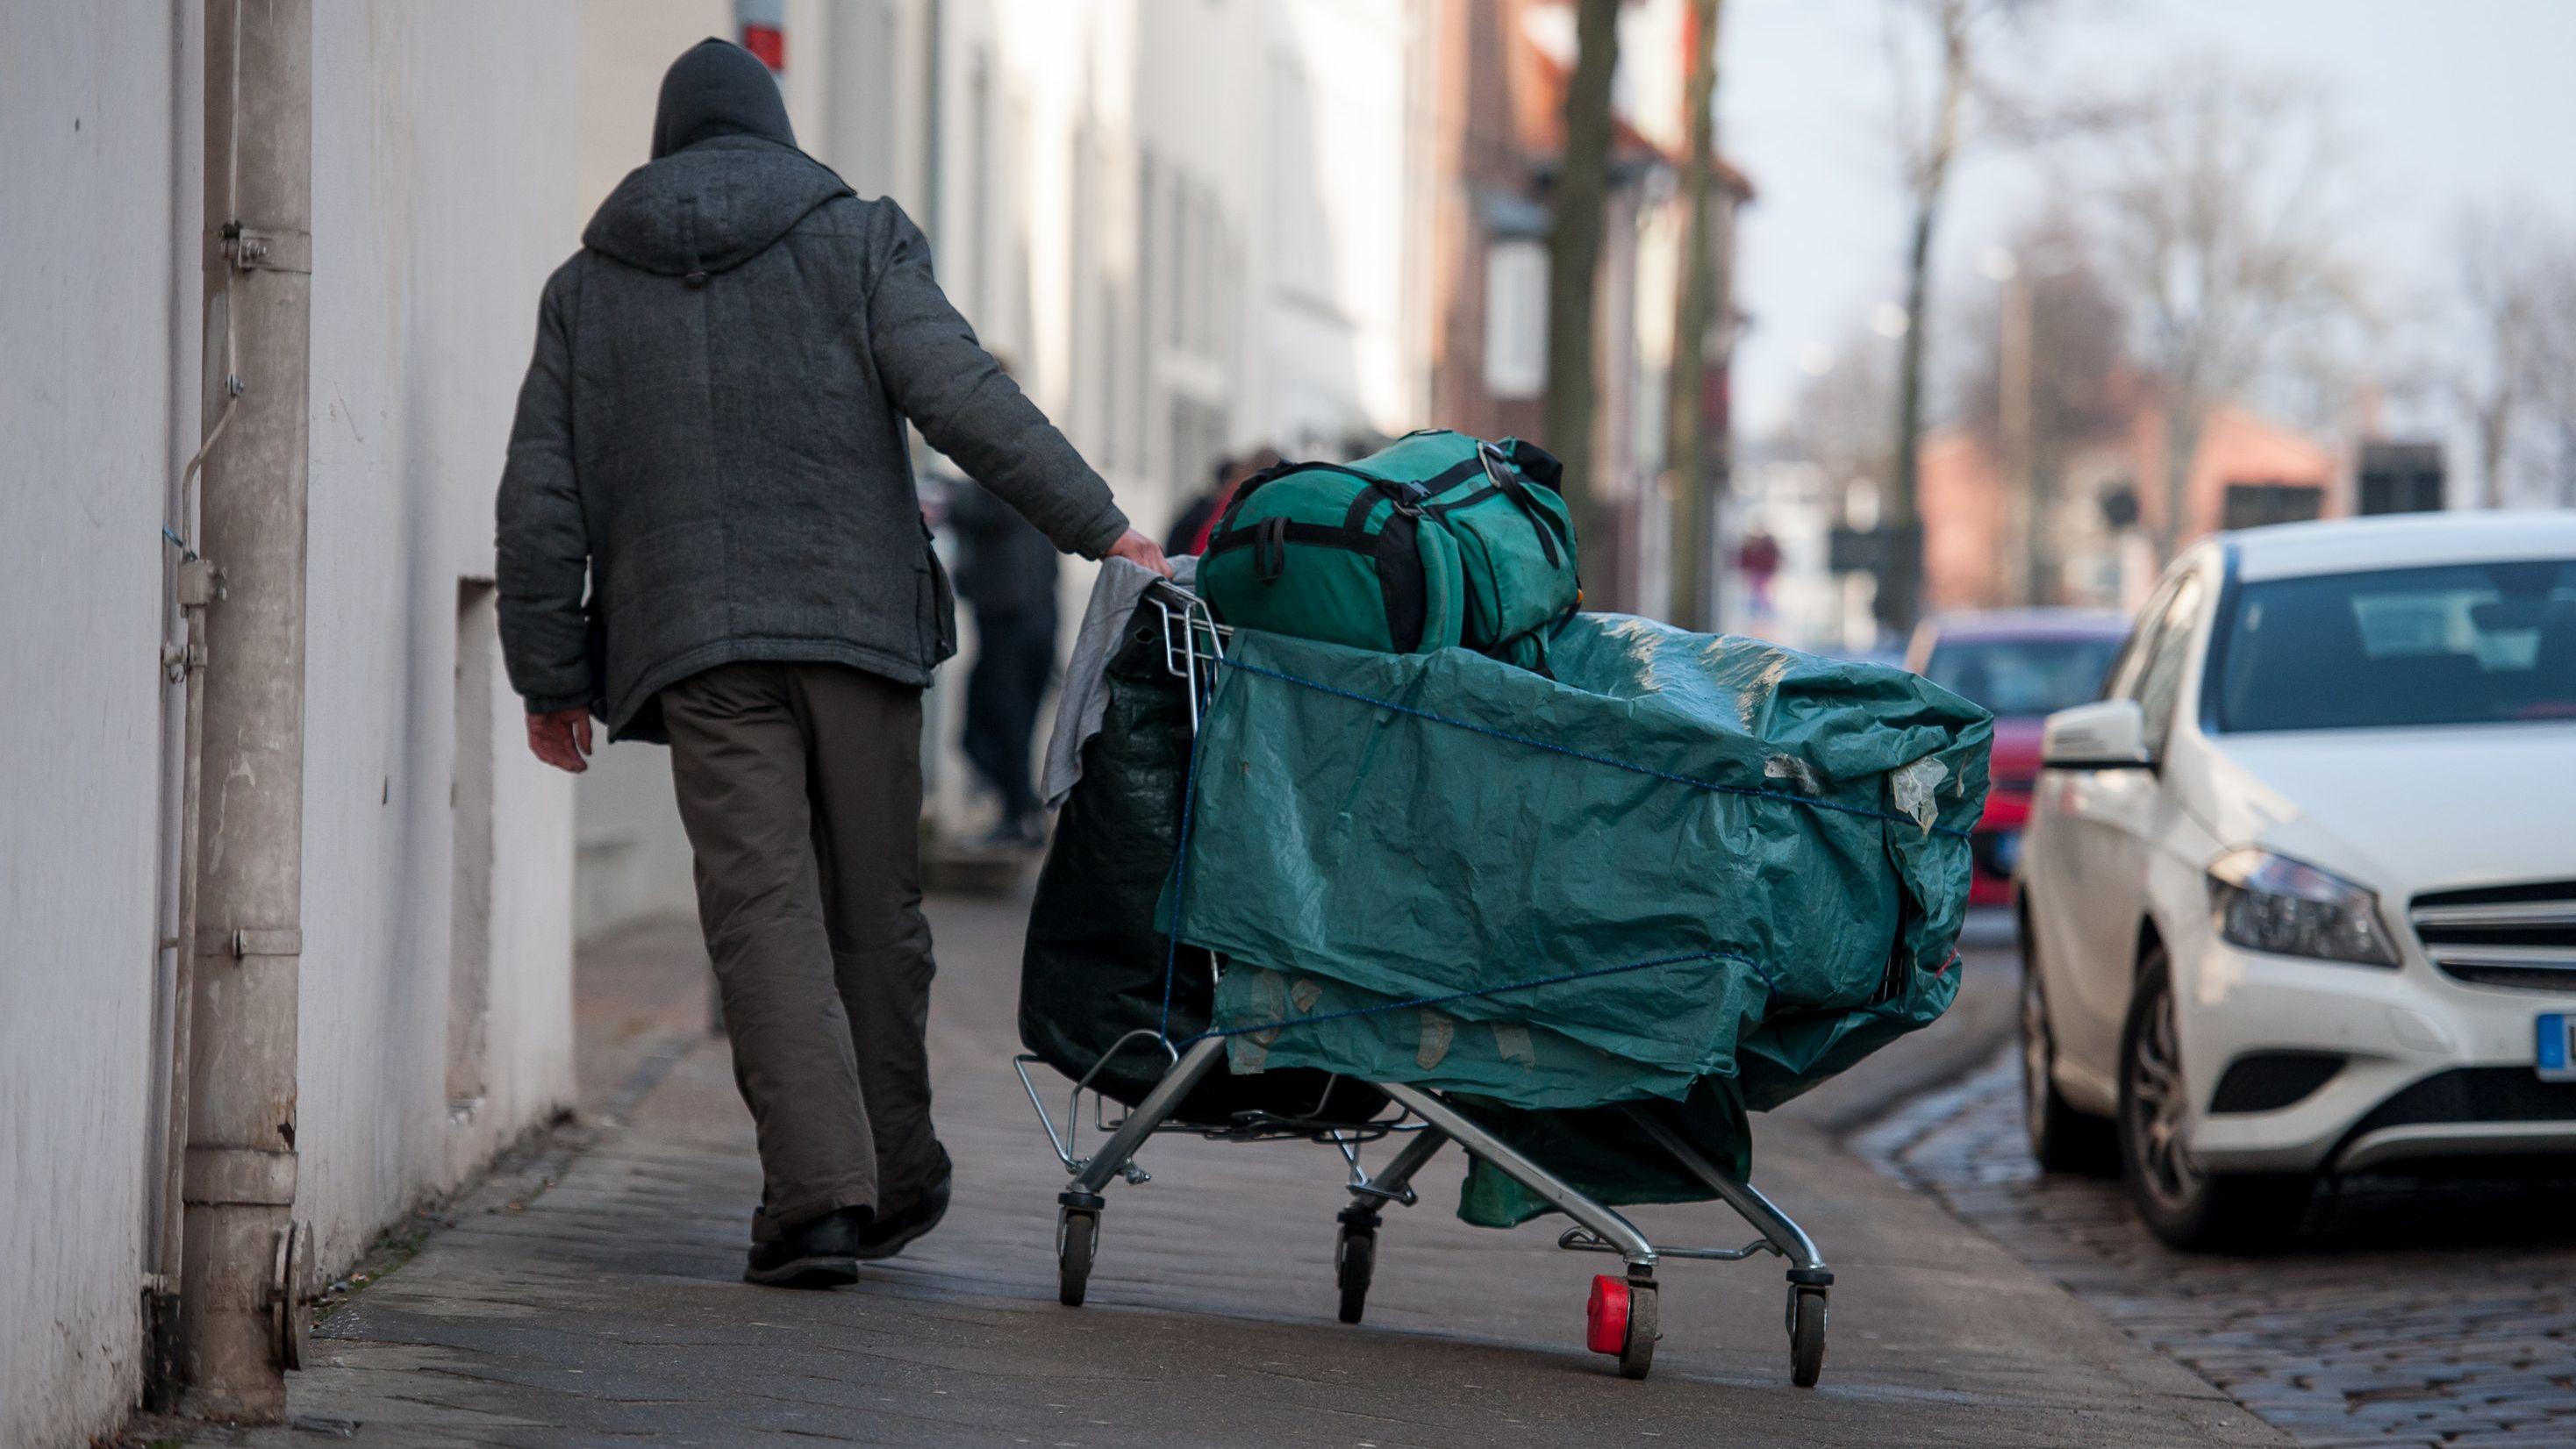 Ein Wohnungsloser zieht seine Habe in einem Einkaufswagen mit sich herum (Symbolbild)